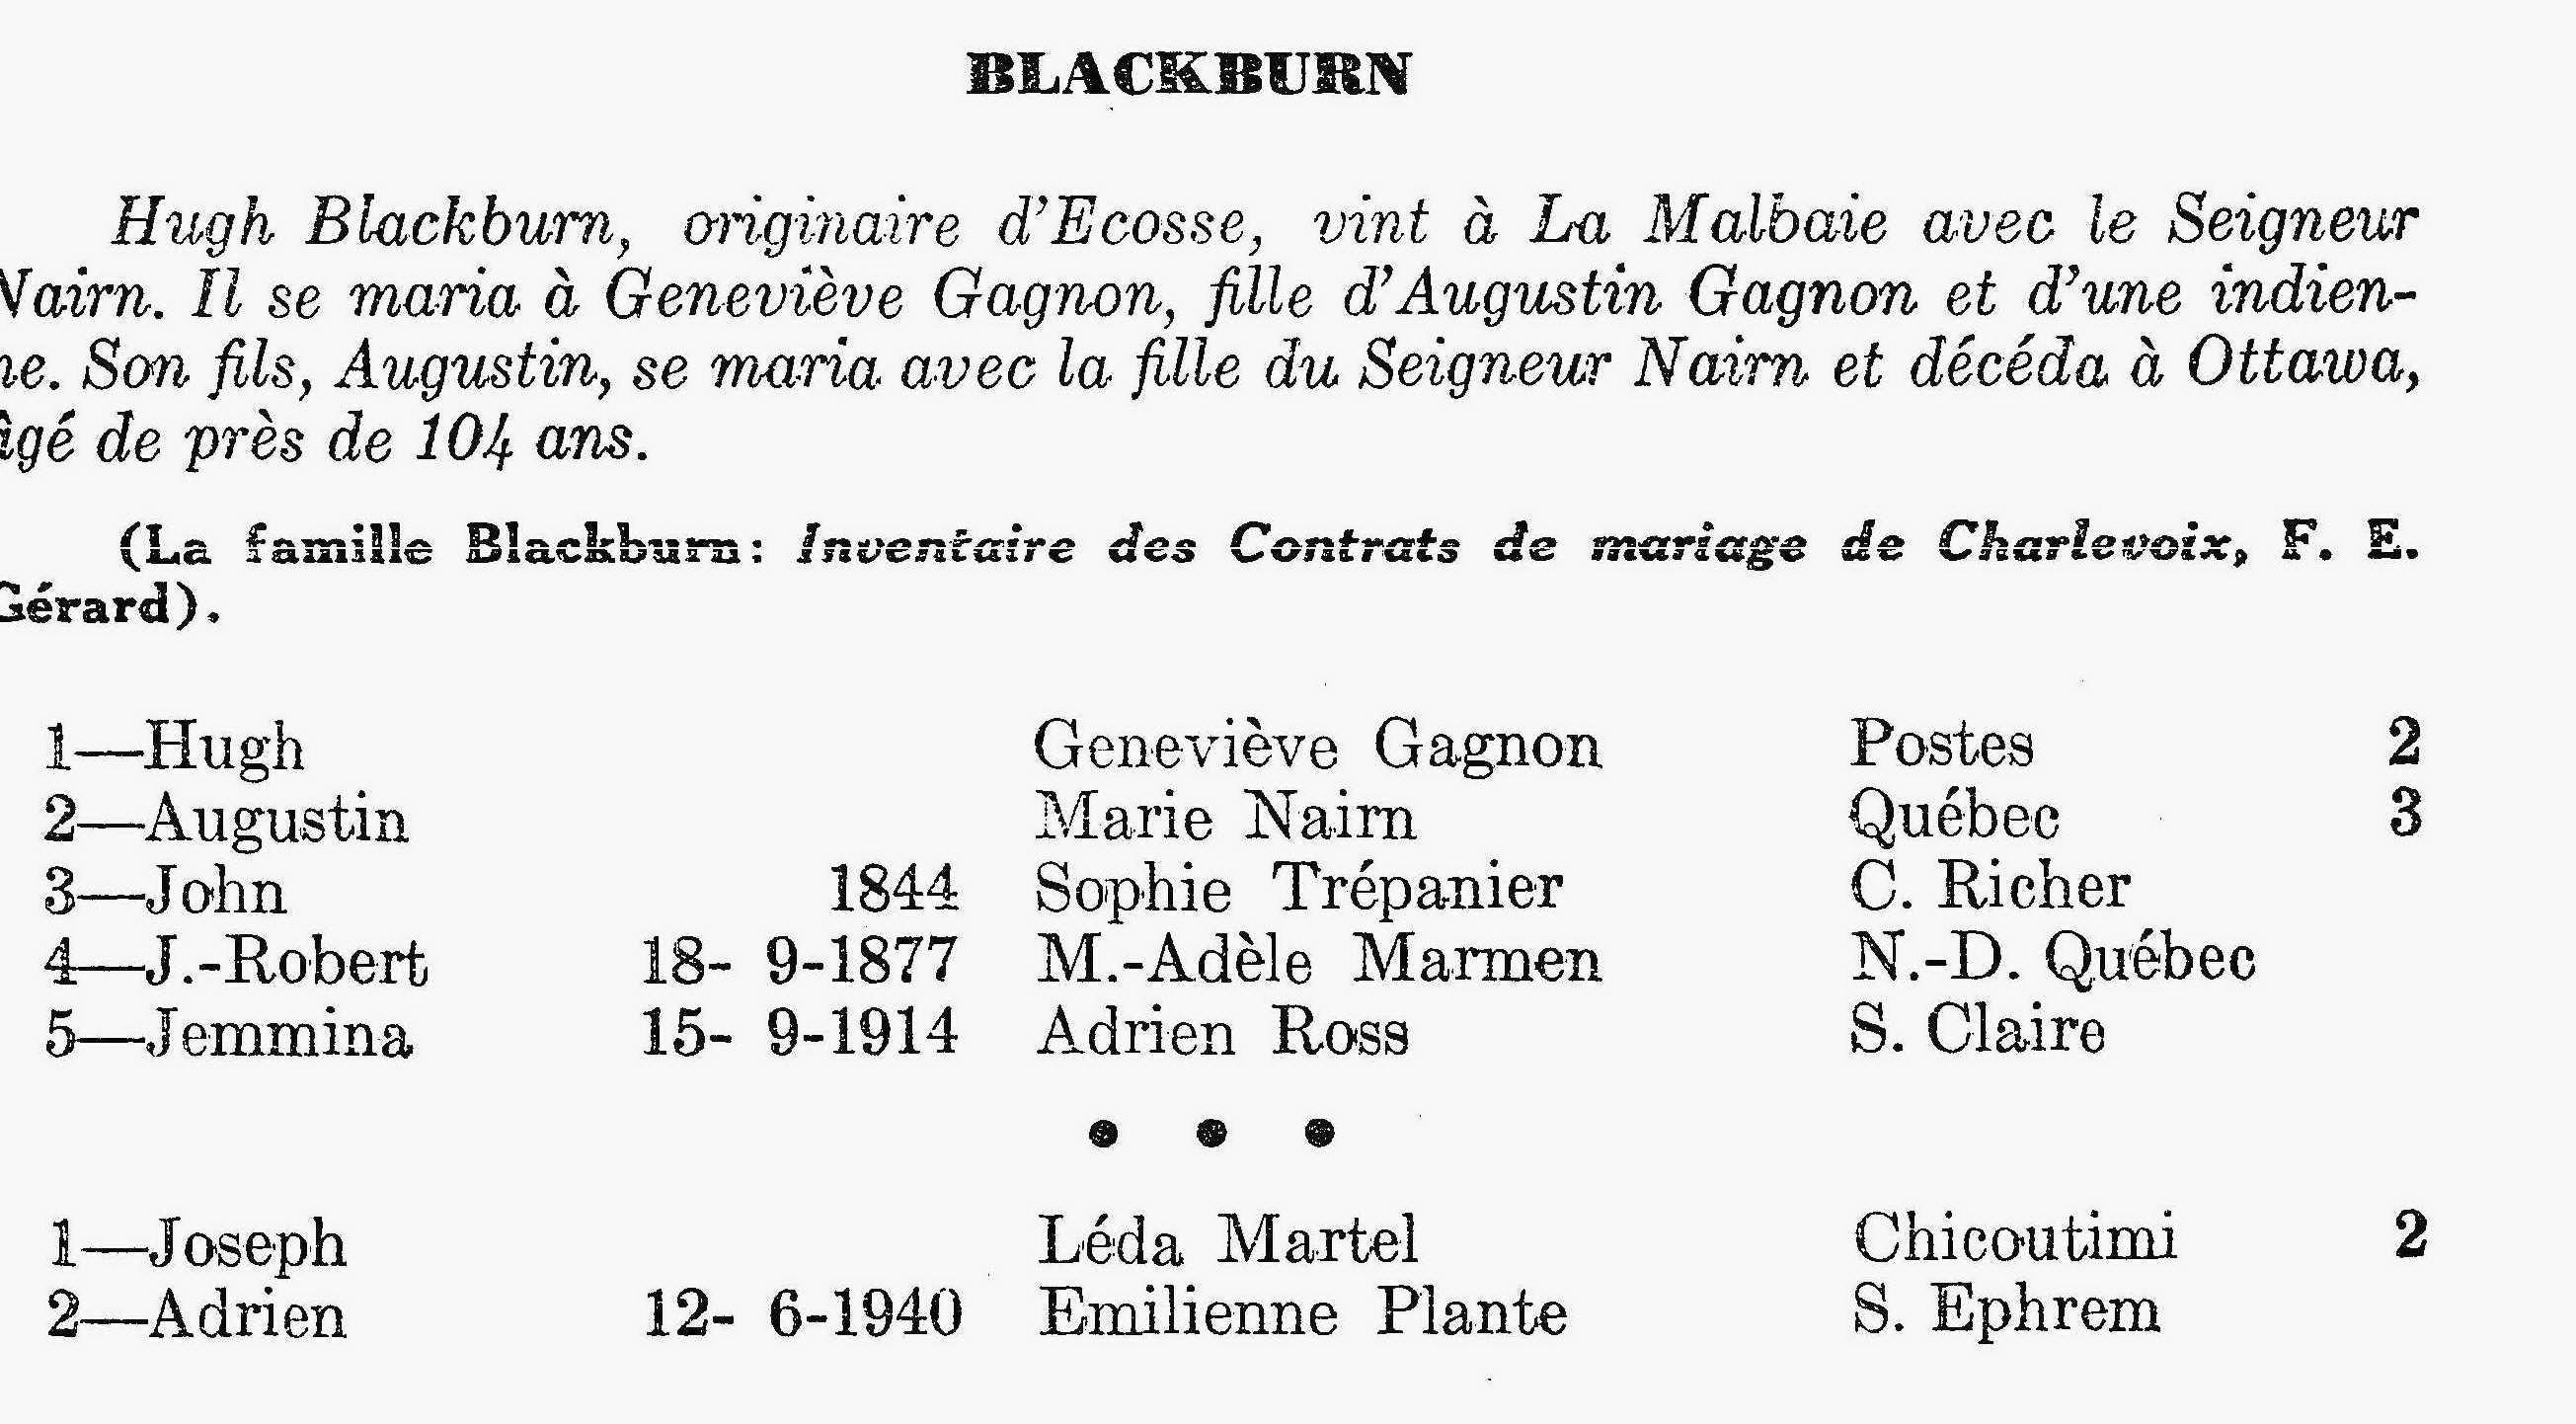 Hugh Blackburn